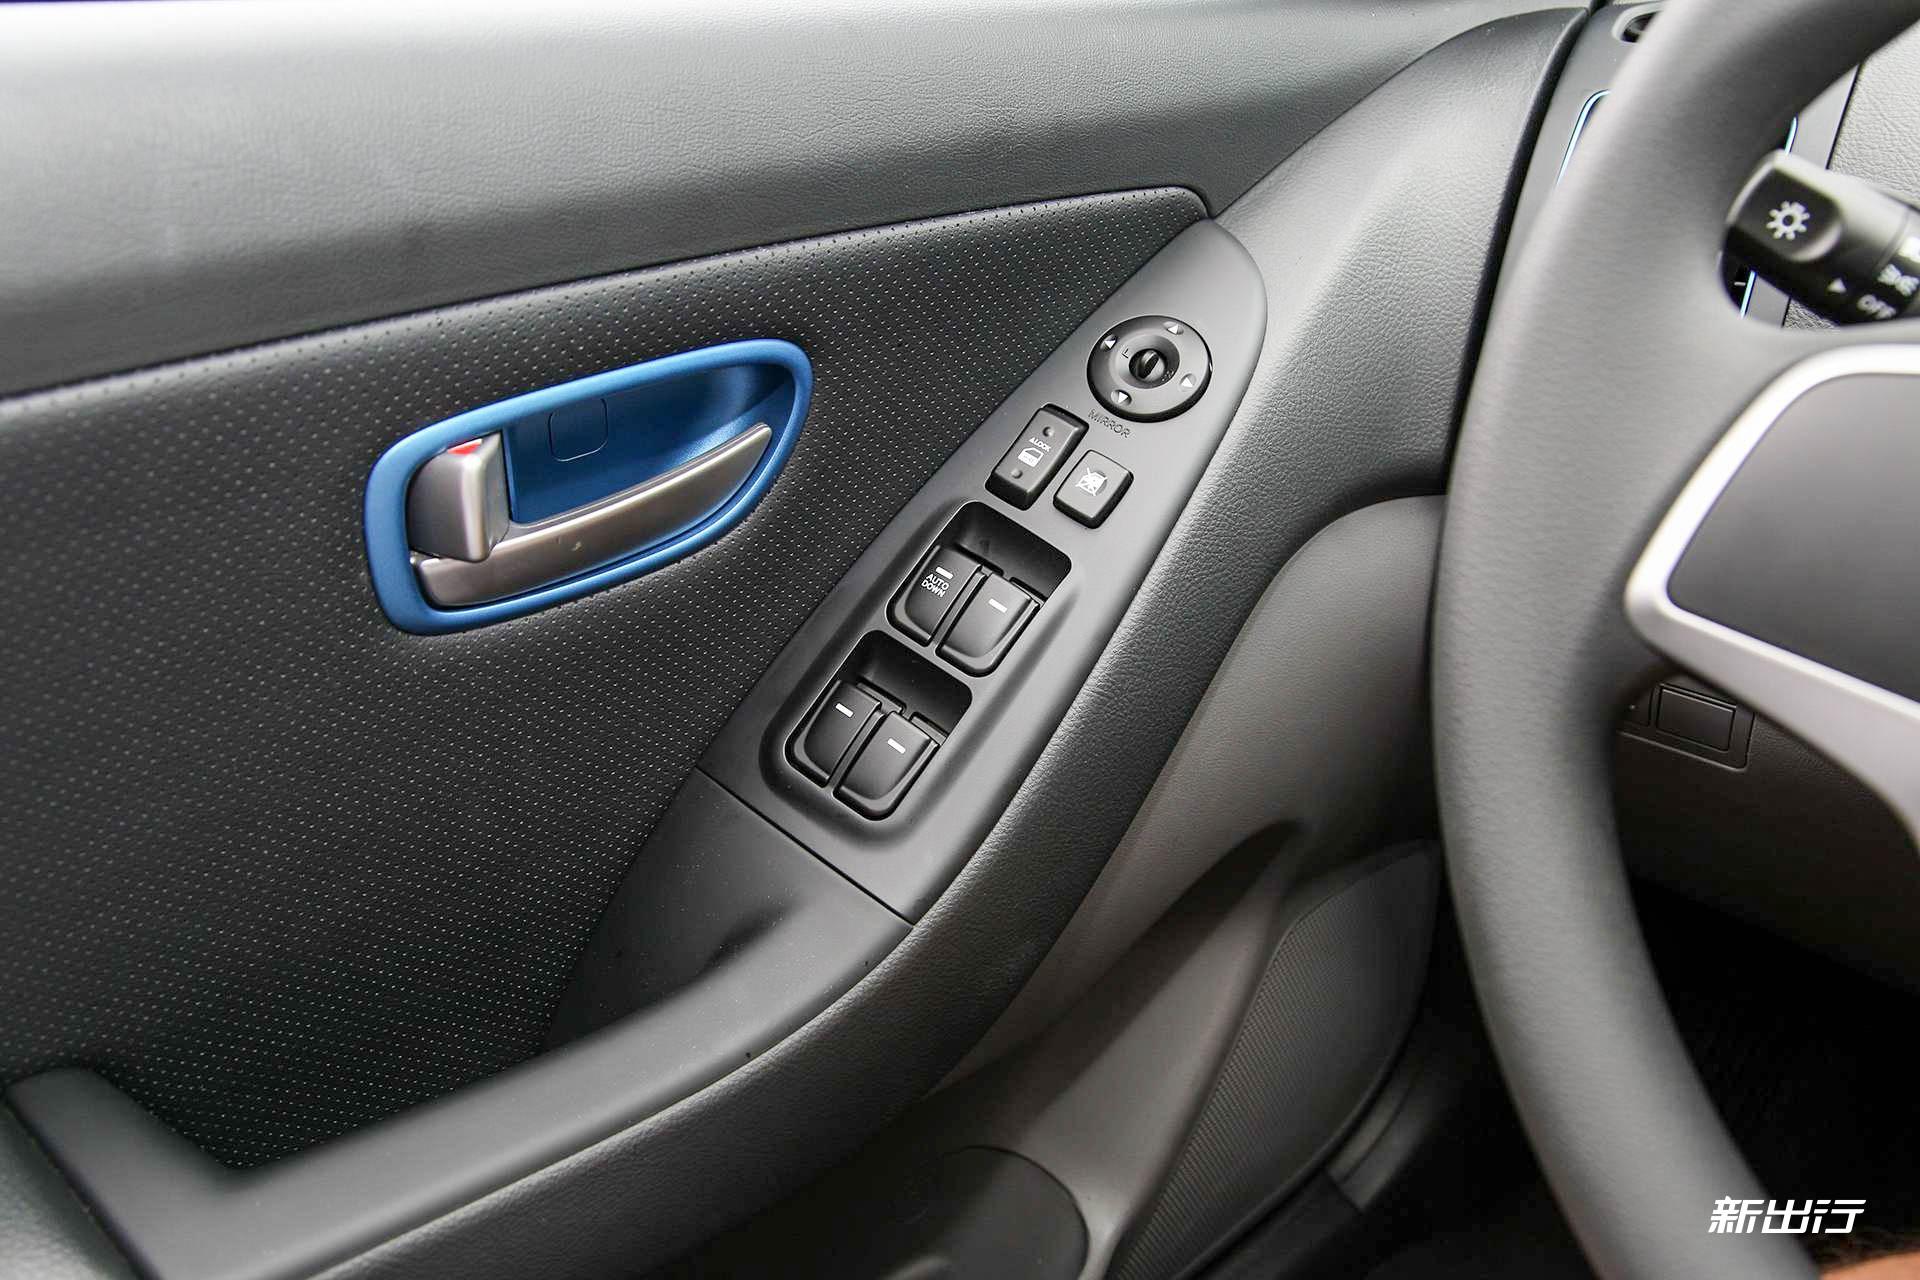 从汽油版本进化而来的电动汽车当然需要全新的仪表盘设计,而伊兰特 e